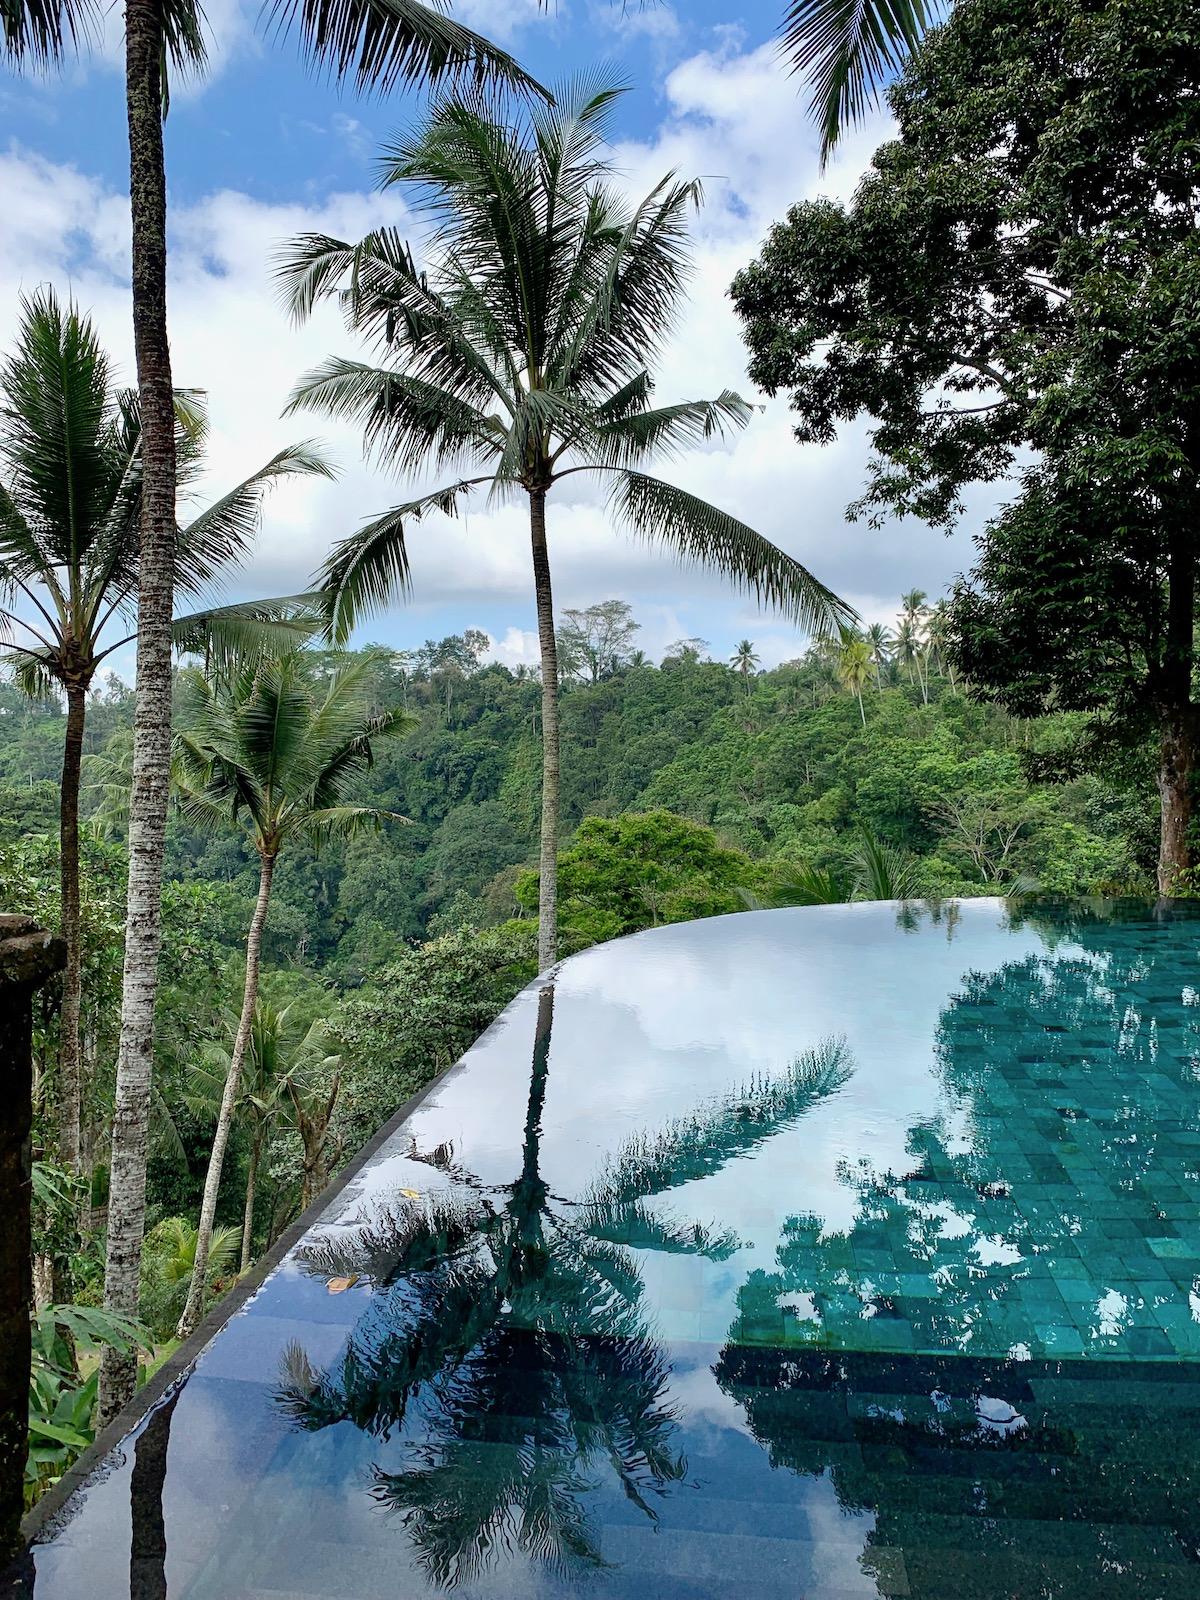 Como Shambhala pool jungle.jpeg